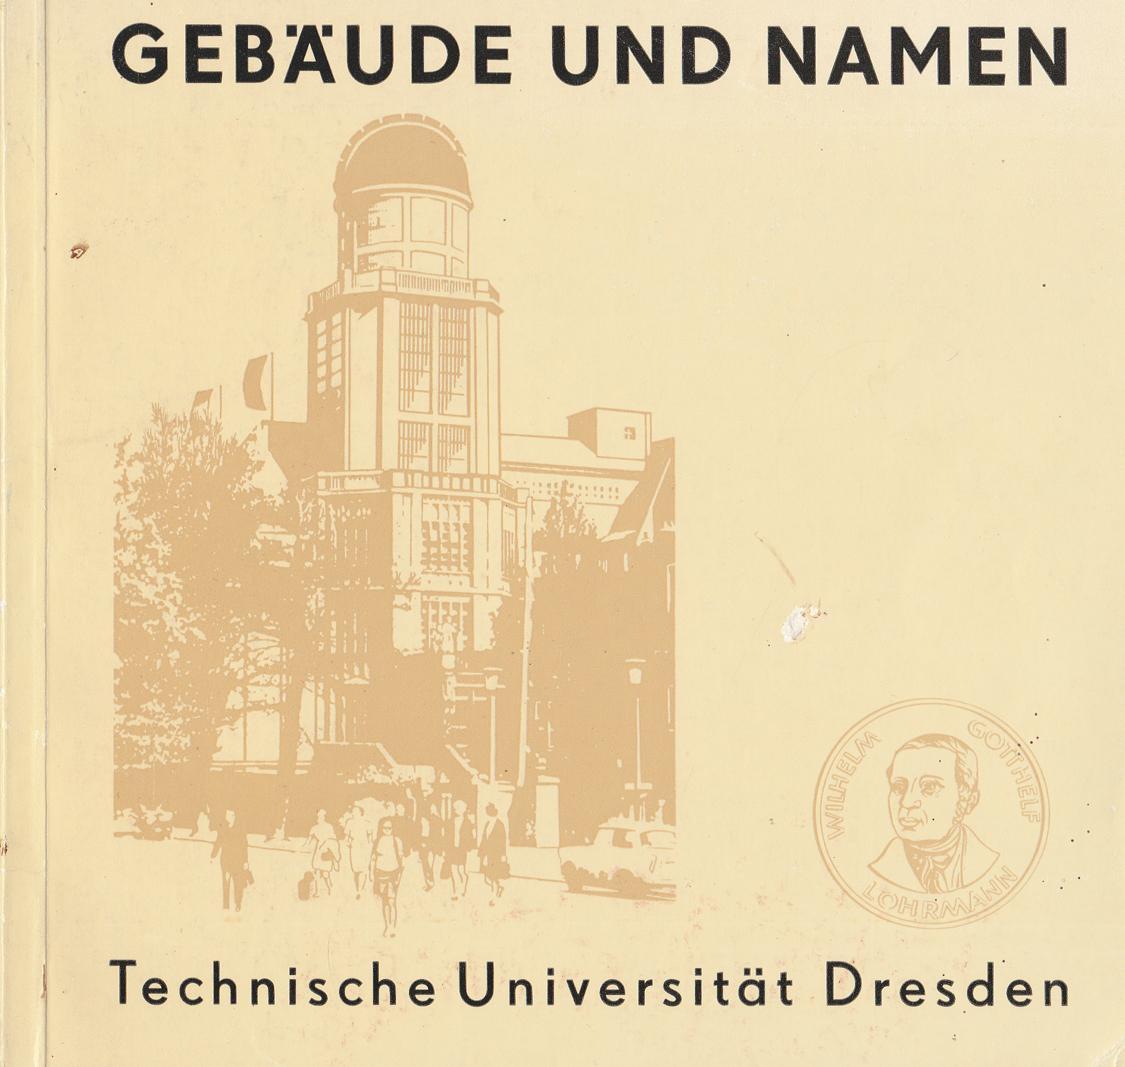 Gebäude und Namen Technische Universität Dresden.: Dr. phil. Werner